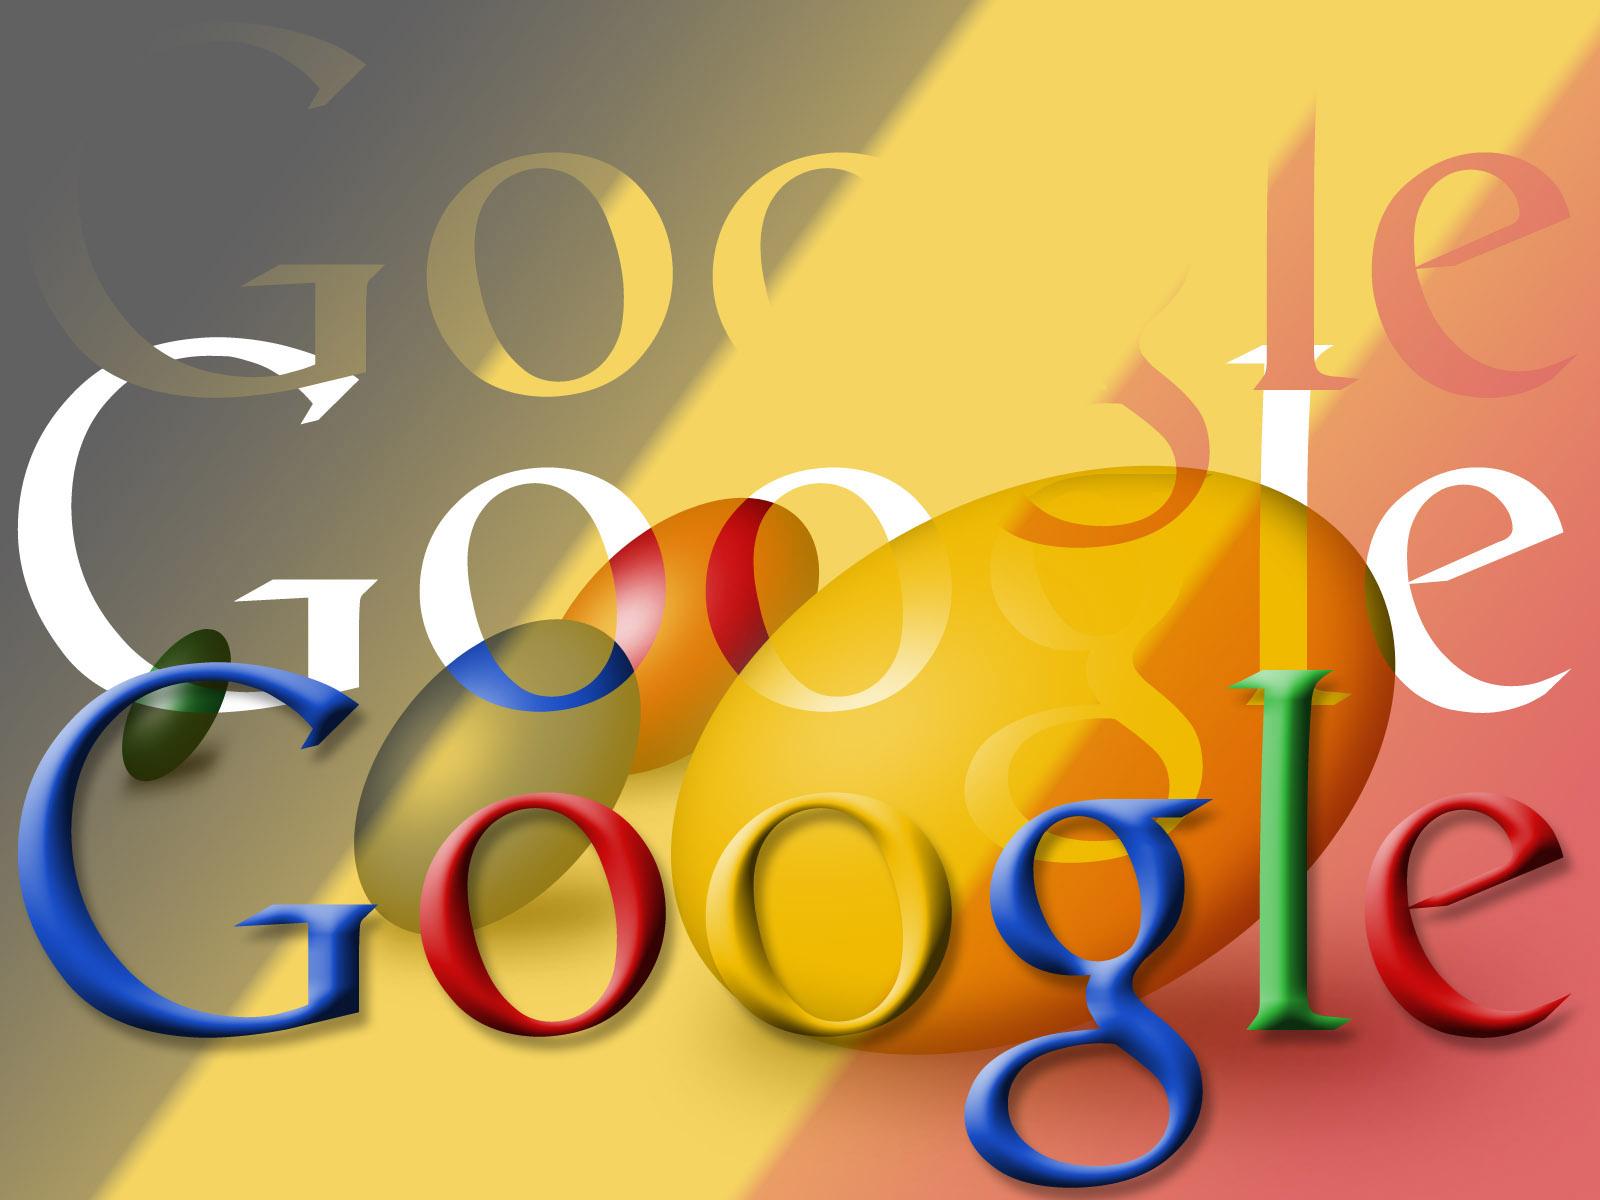 Google Achtergronden   HD Wallpapers